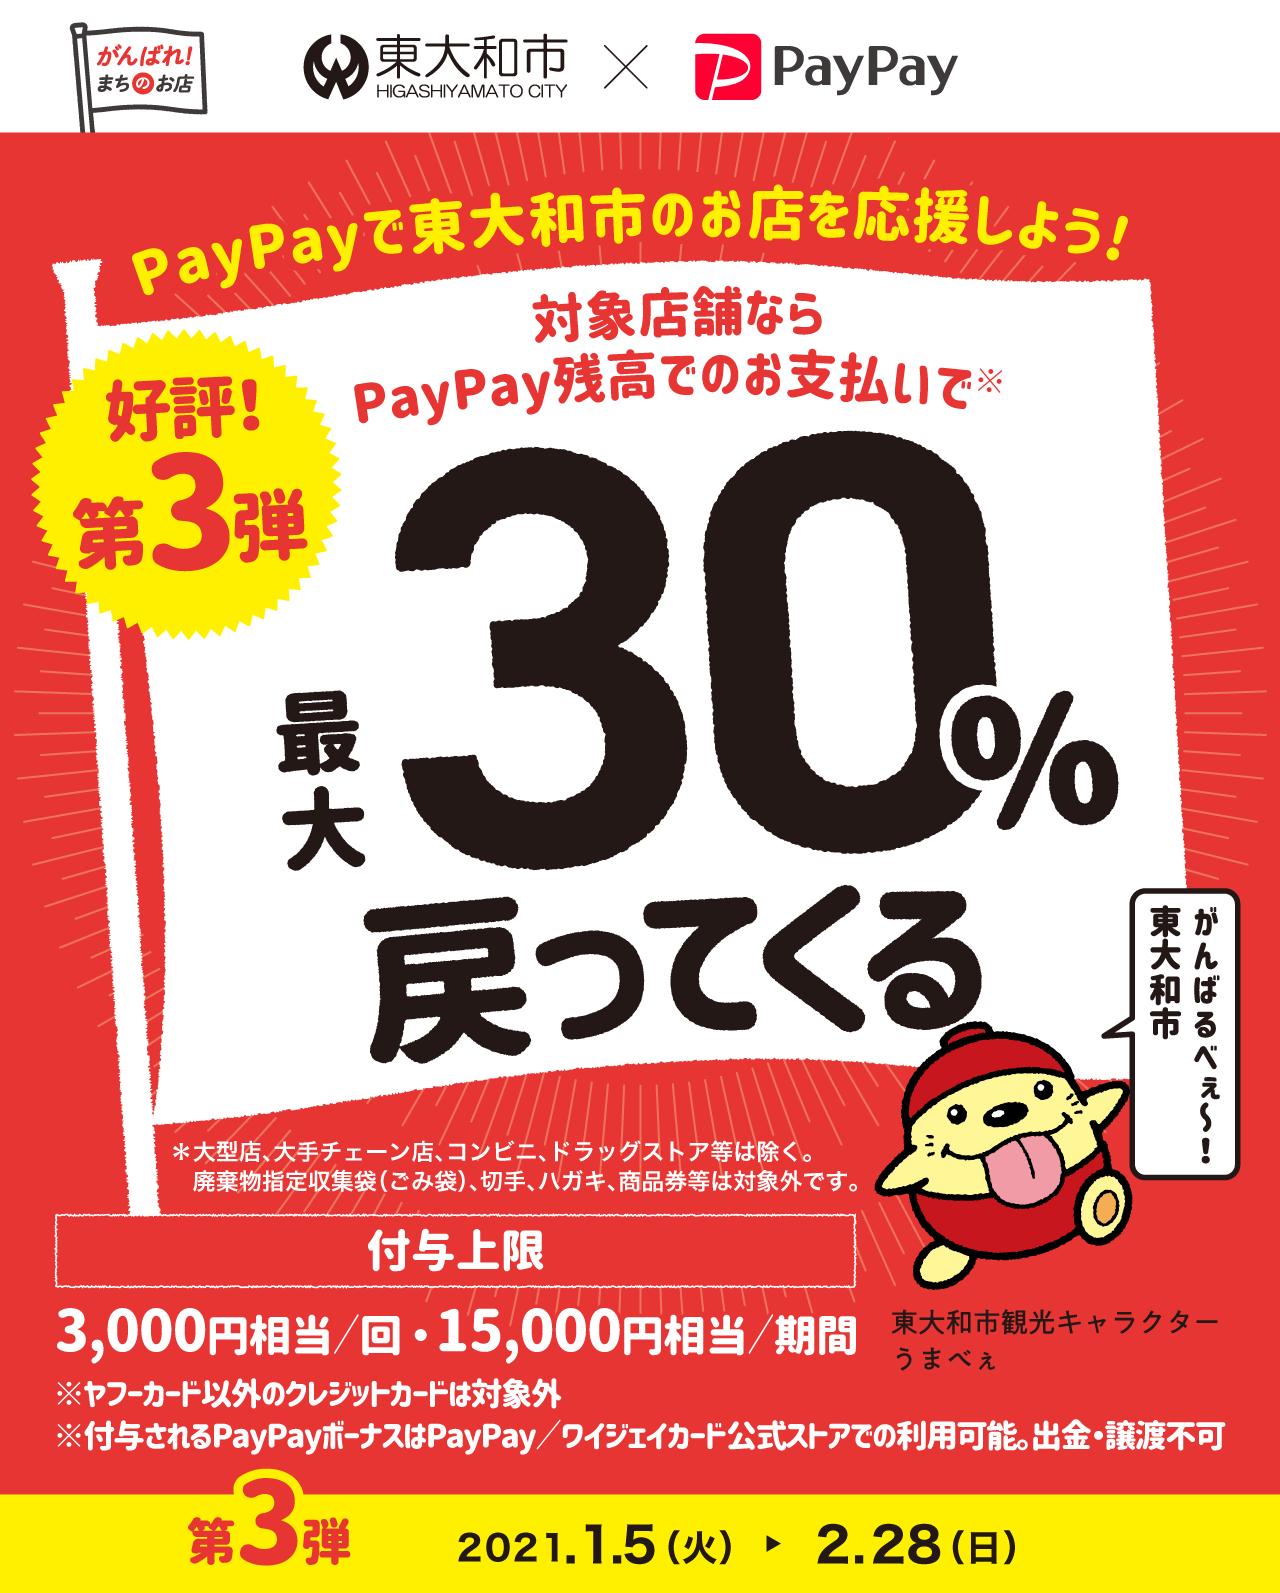 PayPayで東大和市を応援しよう! 好評!第3弾 対象店舗ならPayPay残高でのお支払いで 最大30%戻ってくる